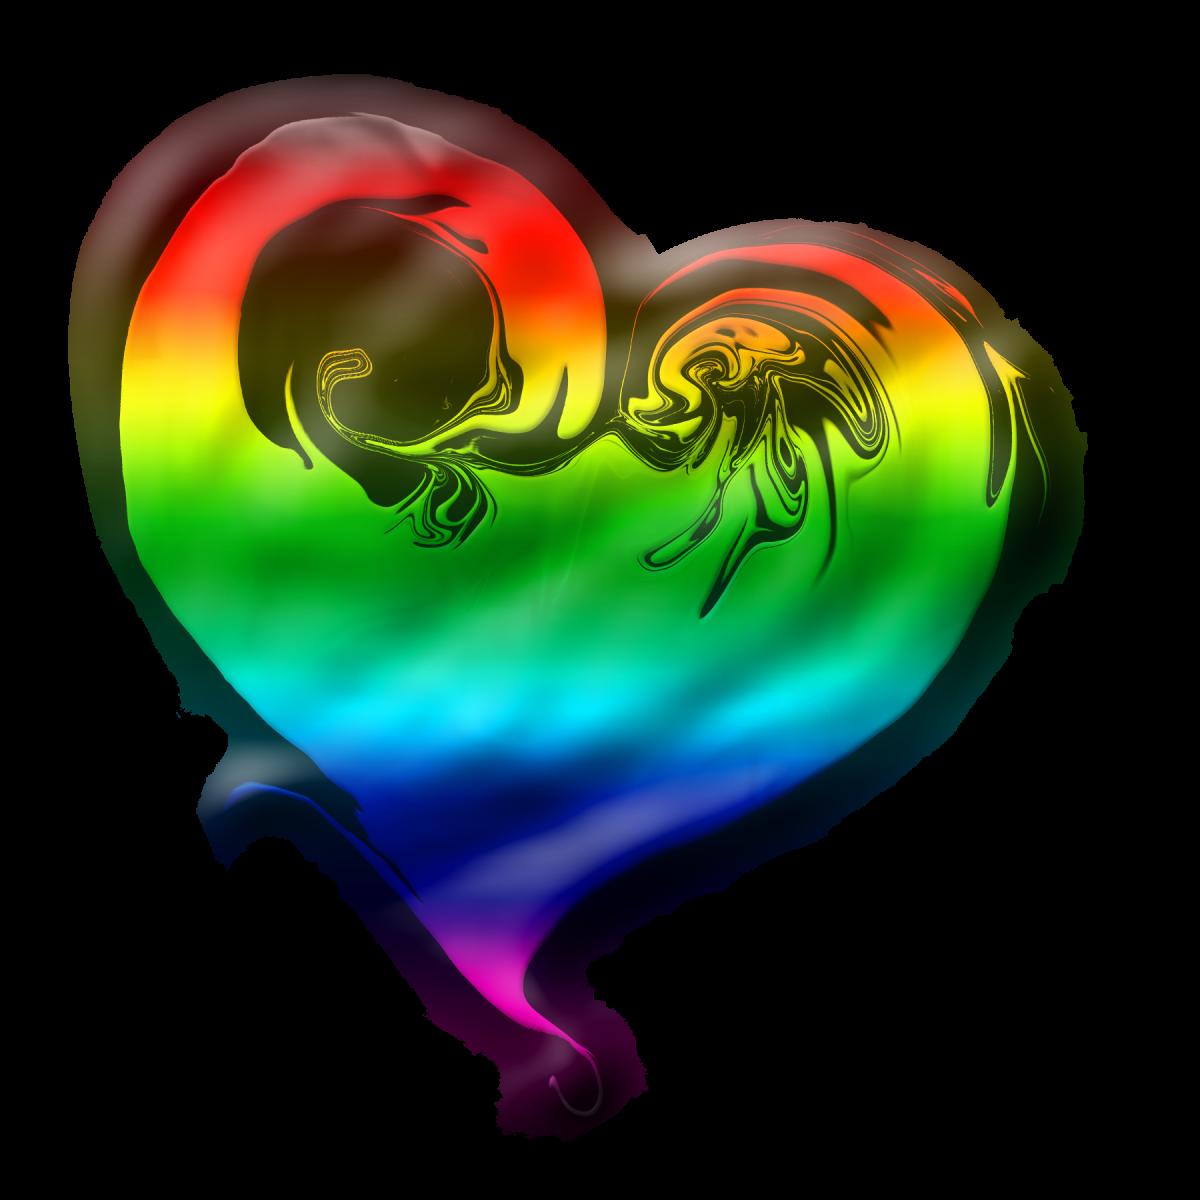 Rainbow Heart Full Of Fun!